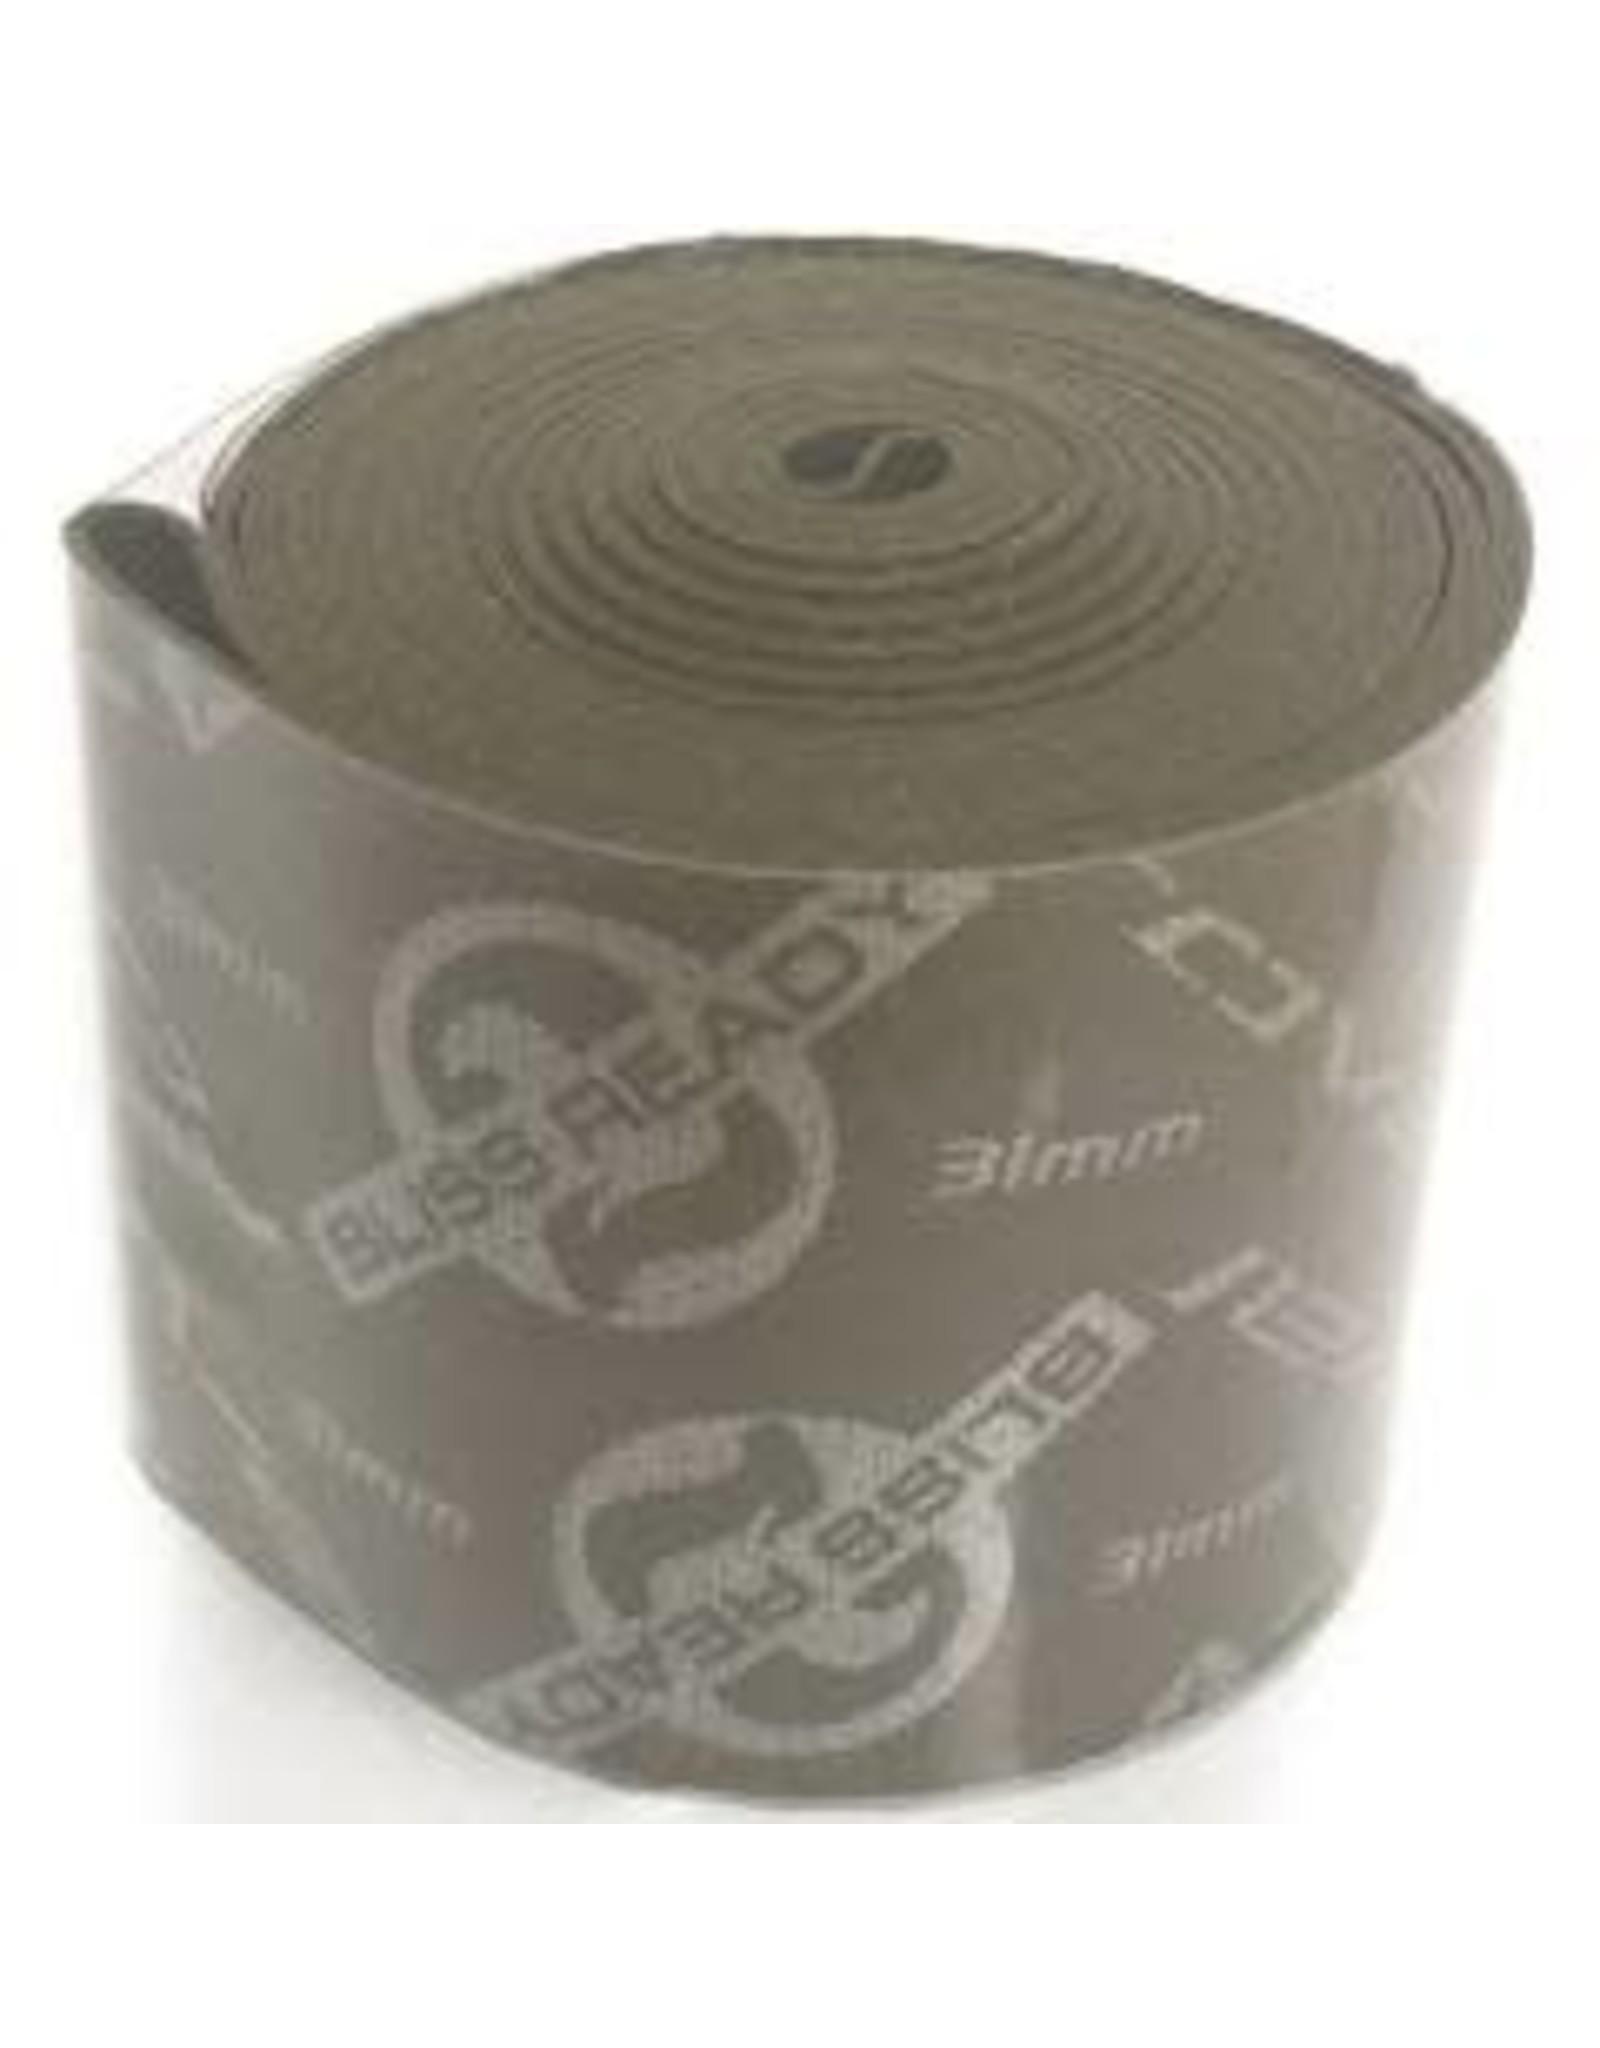 Specialized Rim Strip Roval 2Bliss 650x39 single